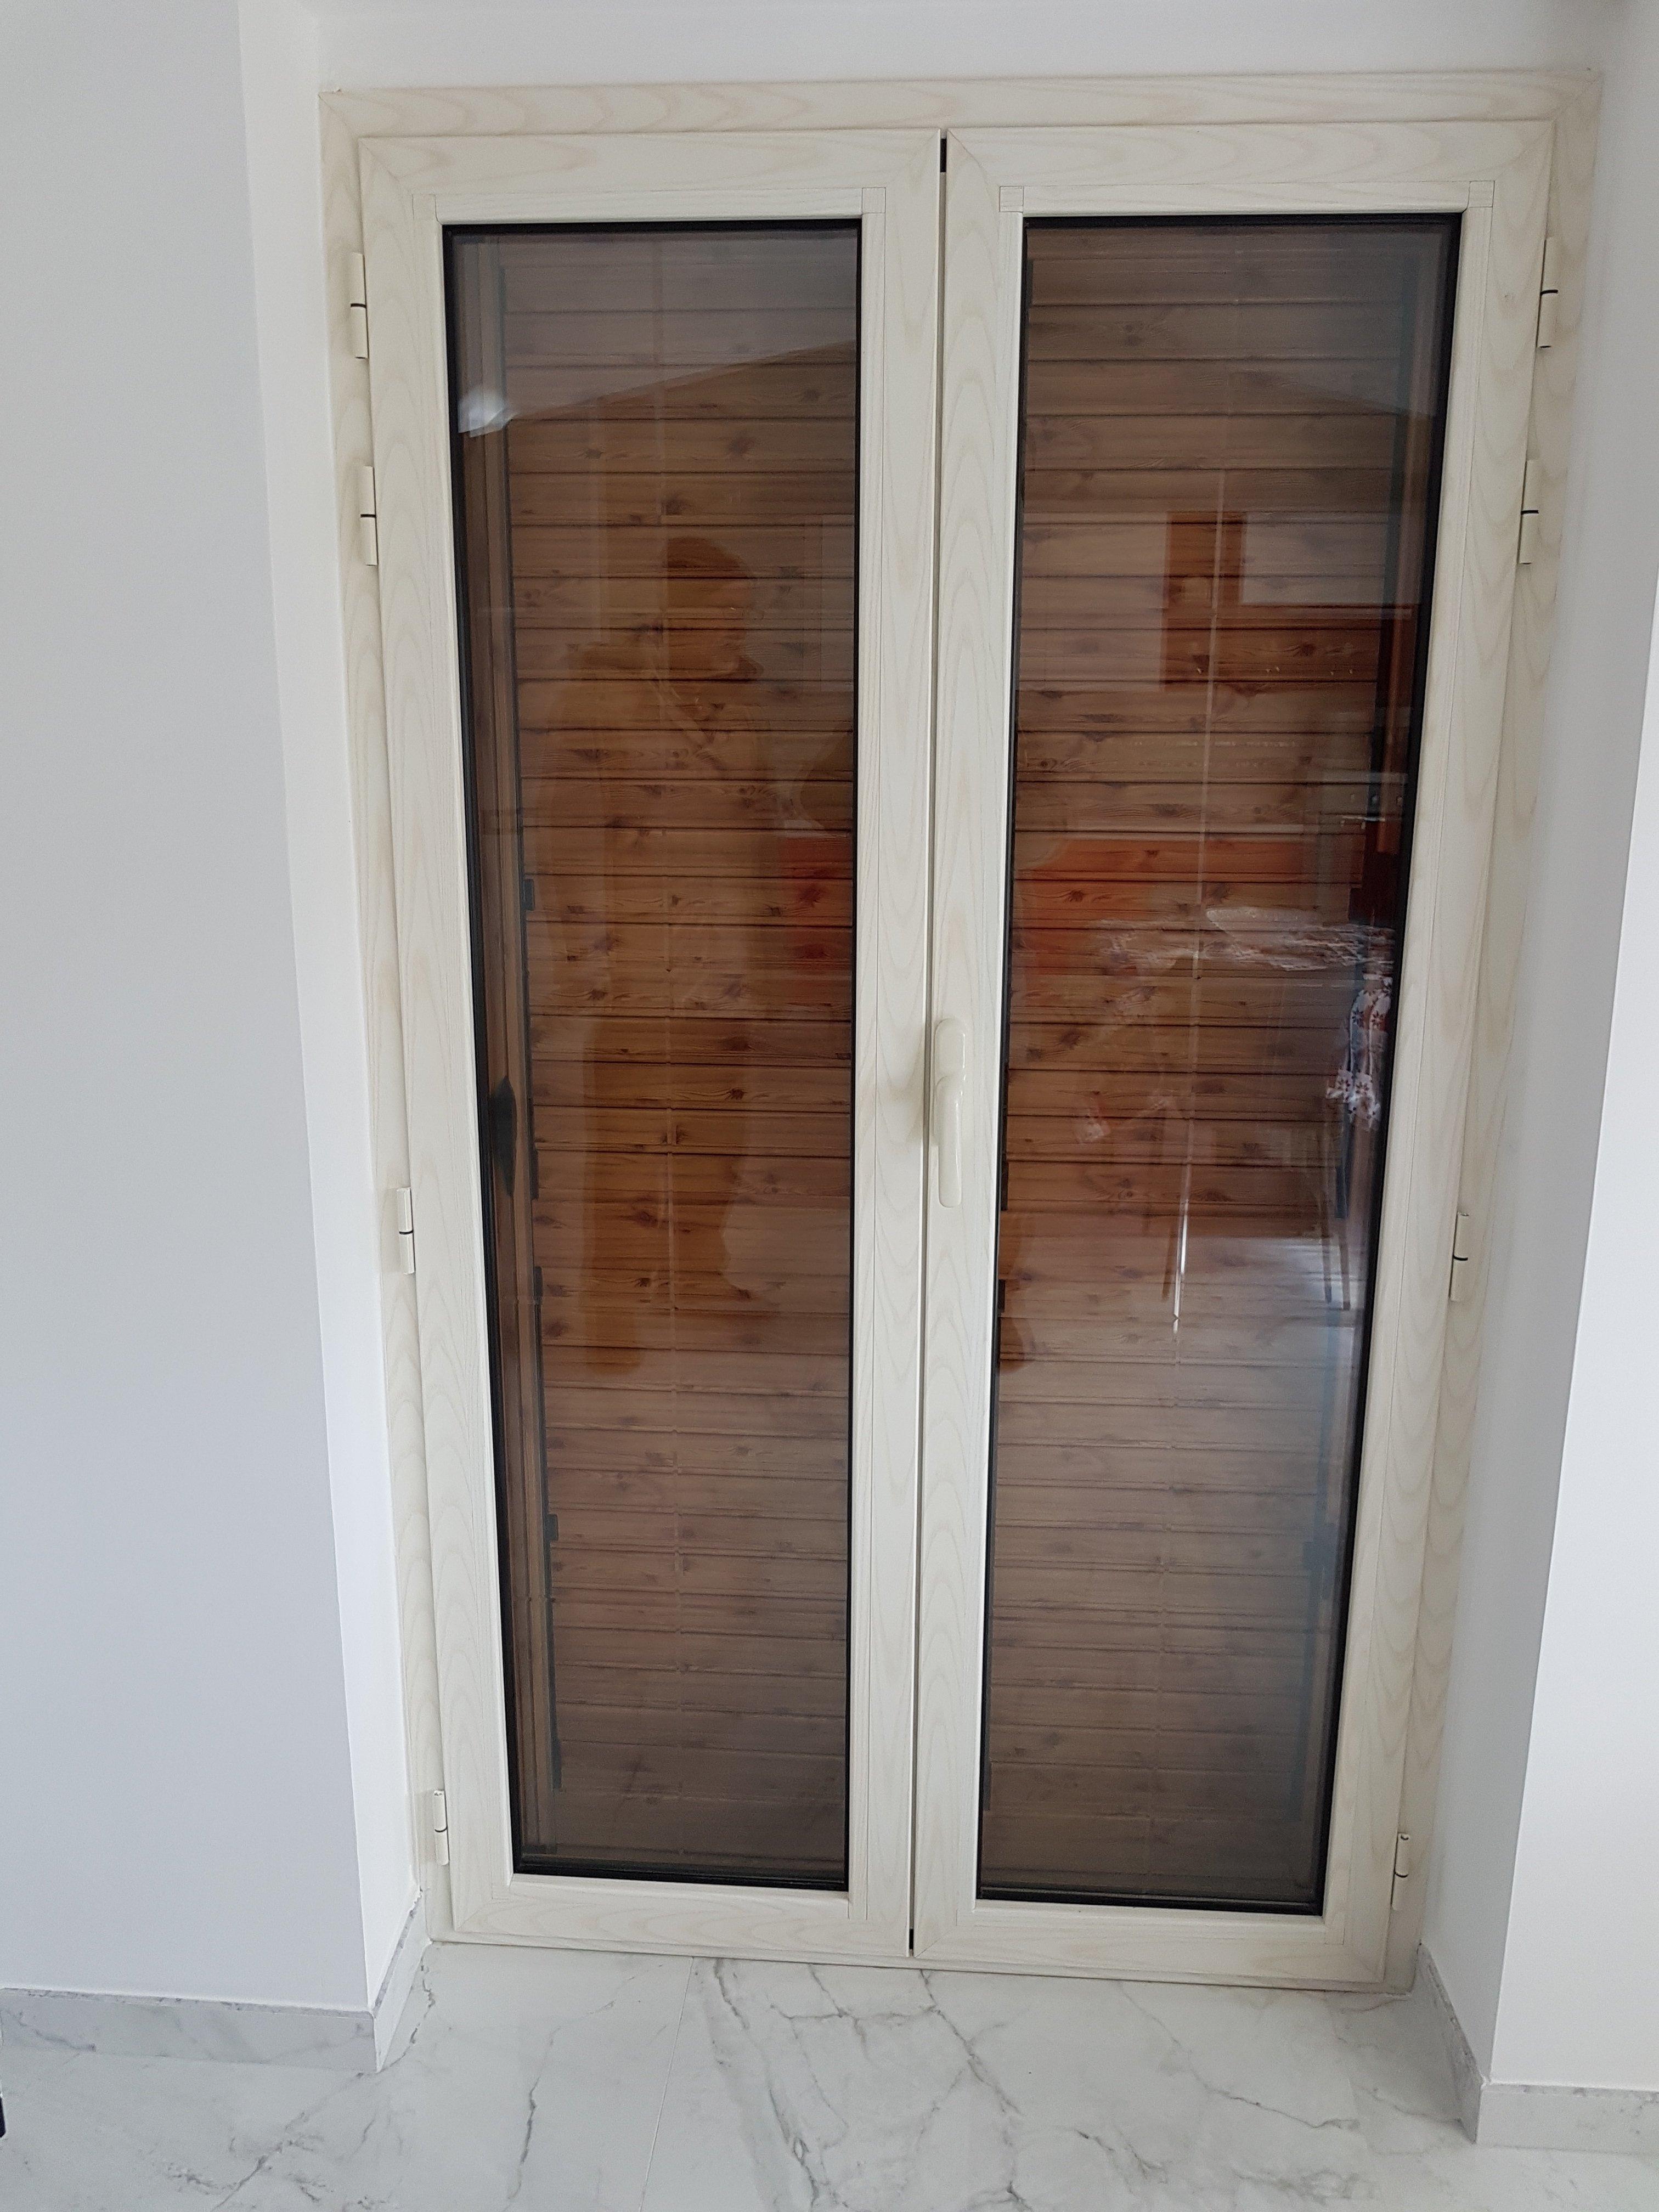 Taglio porta blindata beautiful porte scale e blindata elite noce l x h cm with taglio porta - Porta finestra blindata ...